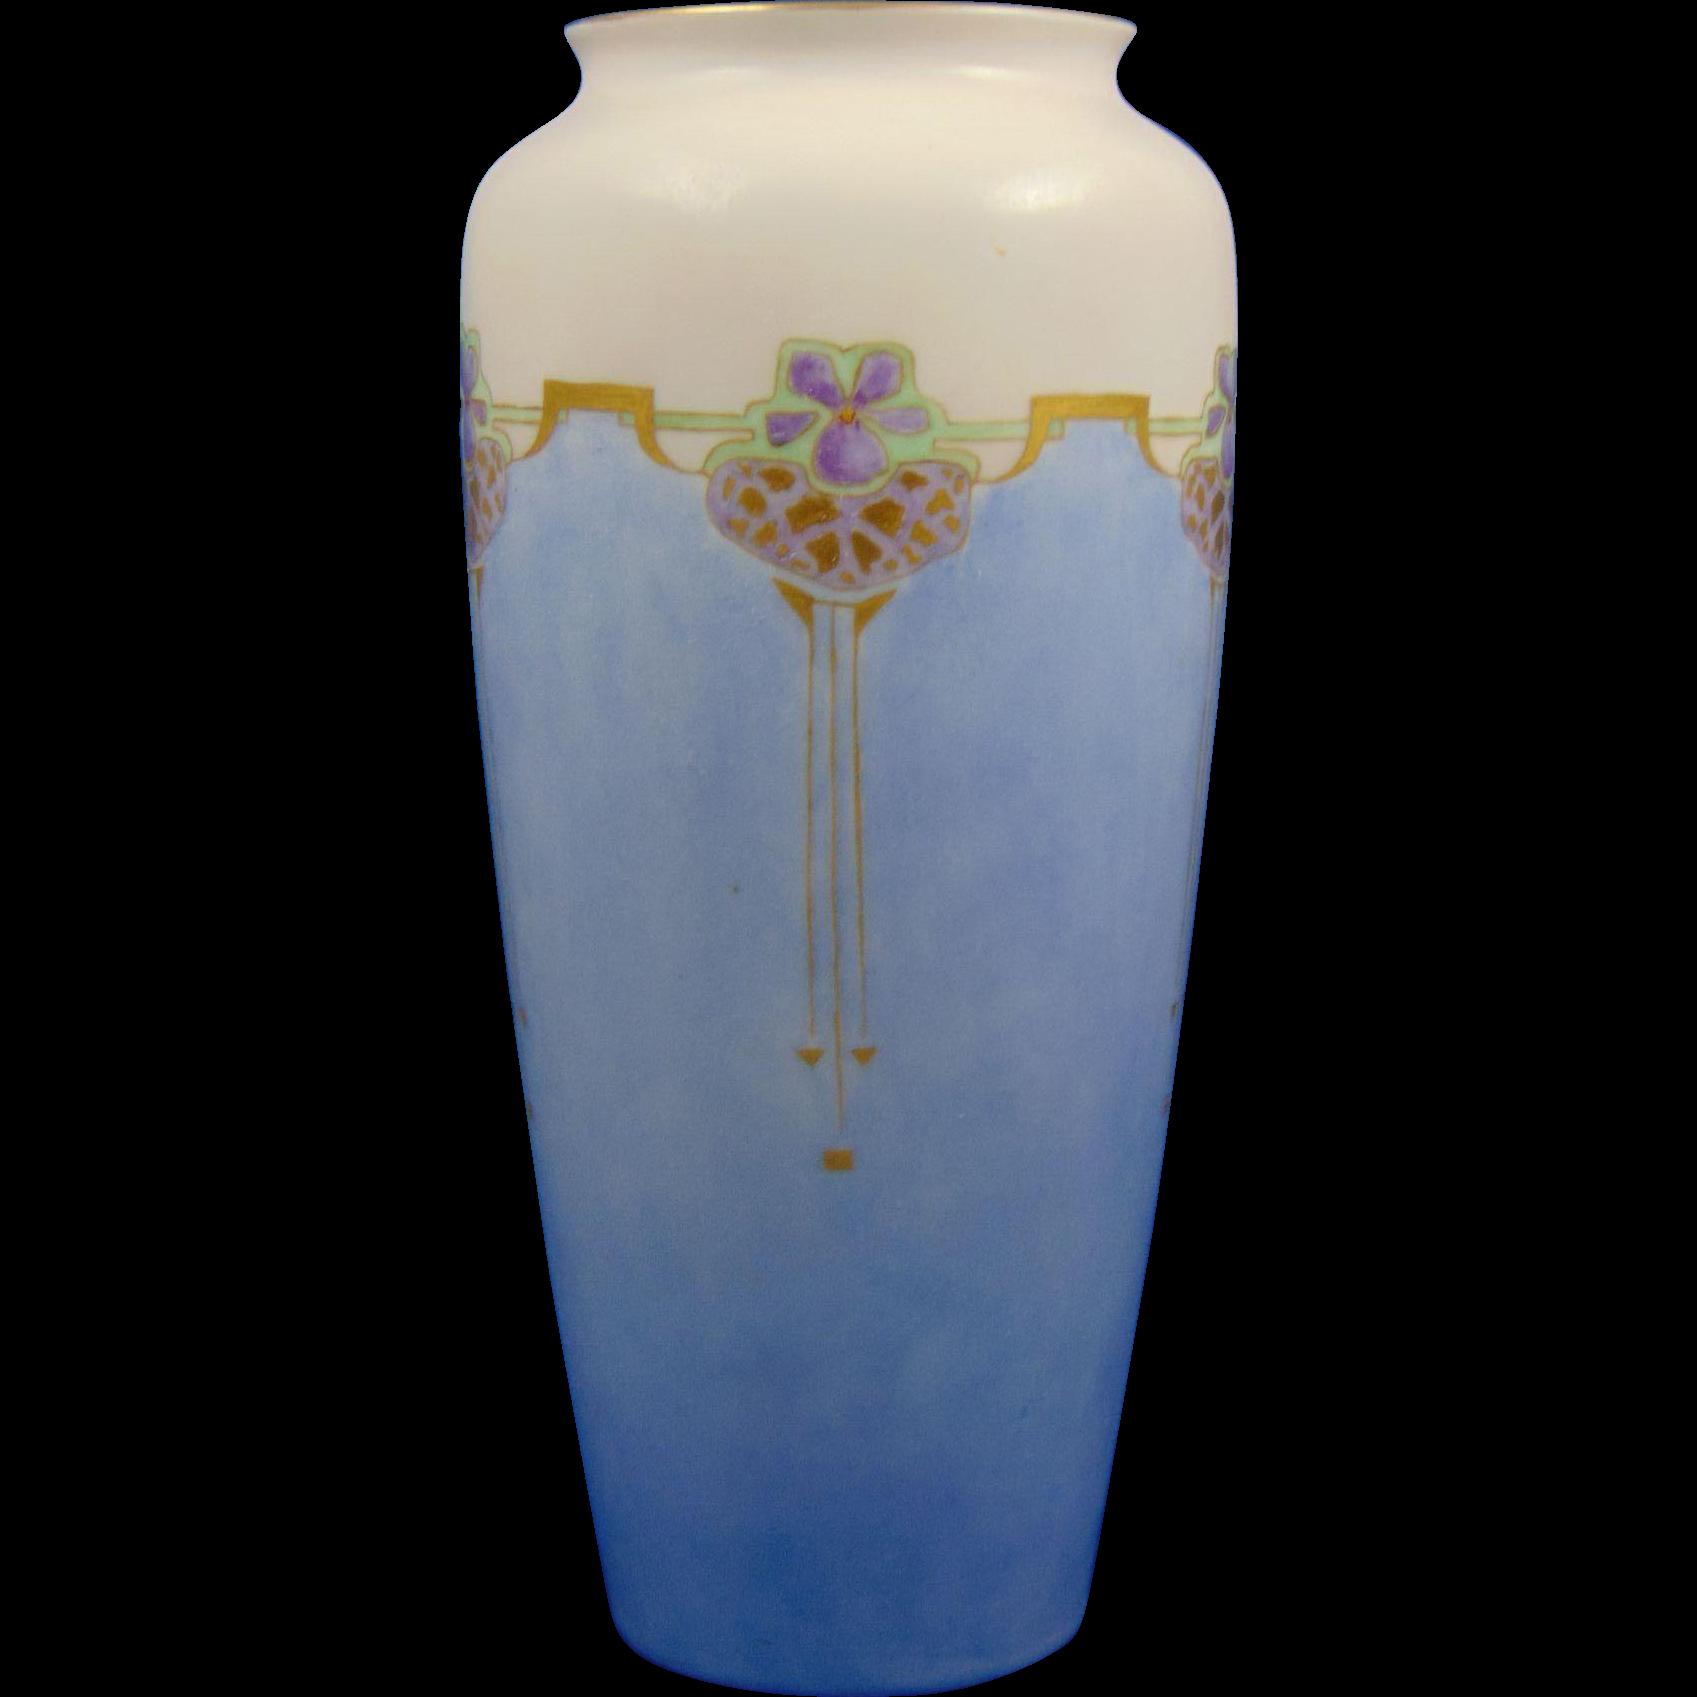 Rosenthal Selb Bavaria Art Deco Violet Motif Vase (c.1907-1930)